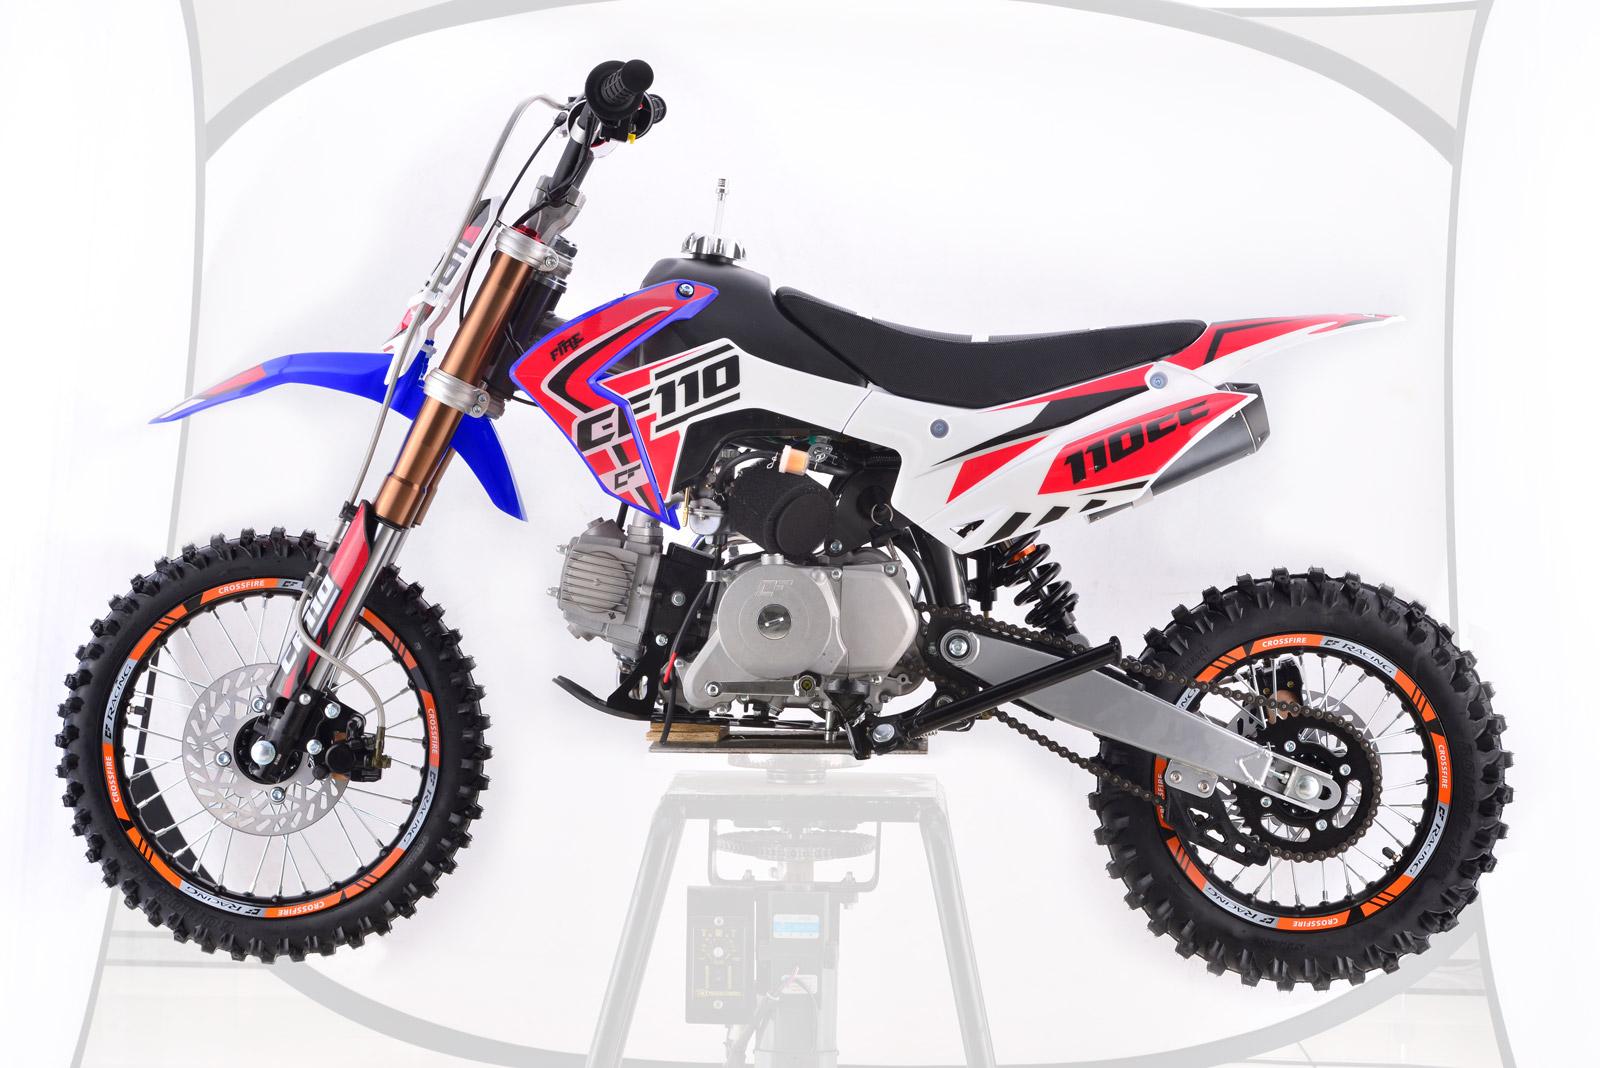 crossfire-cf110-motorbike-2018-blue-side-2